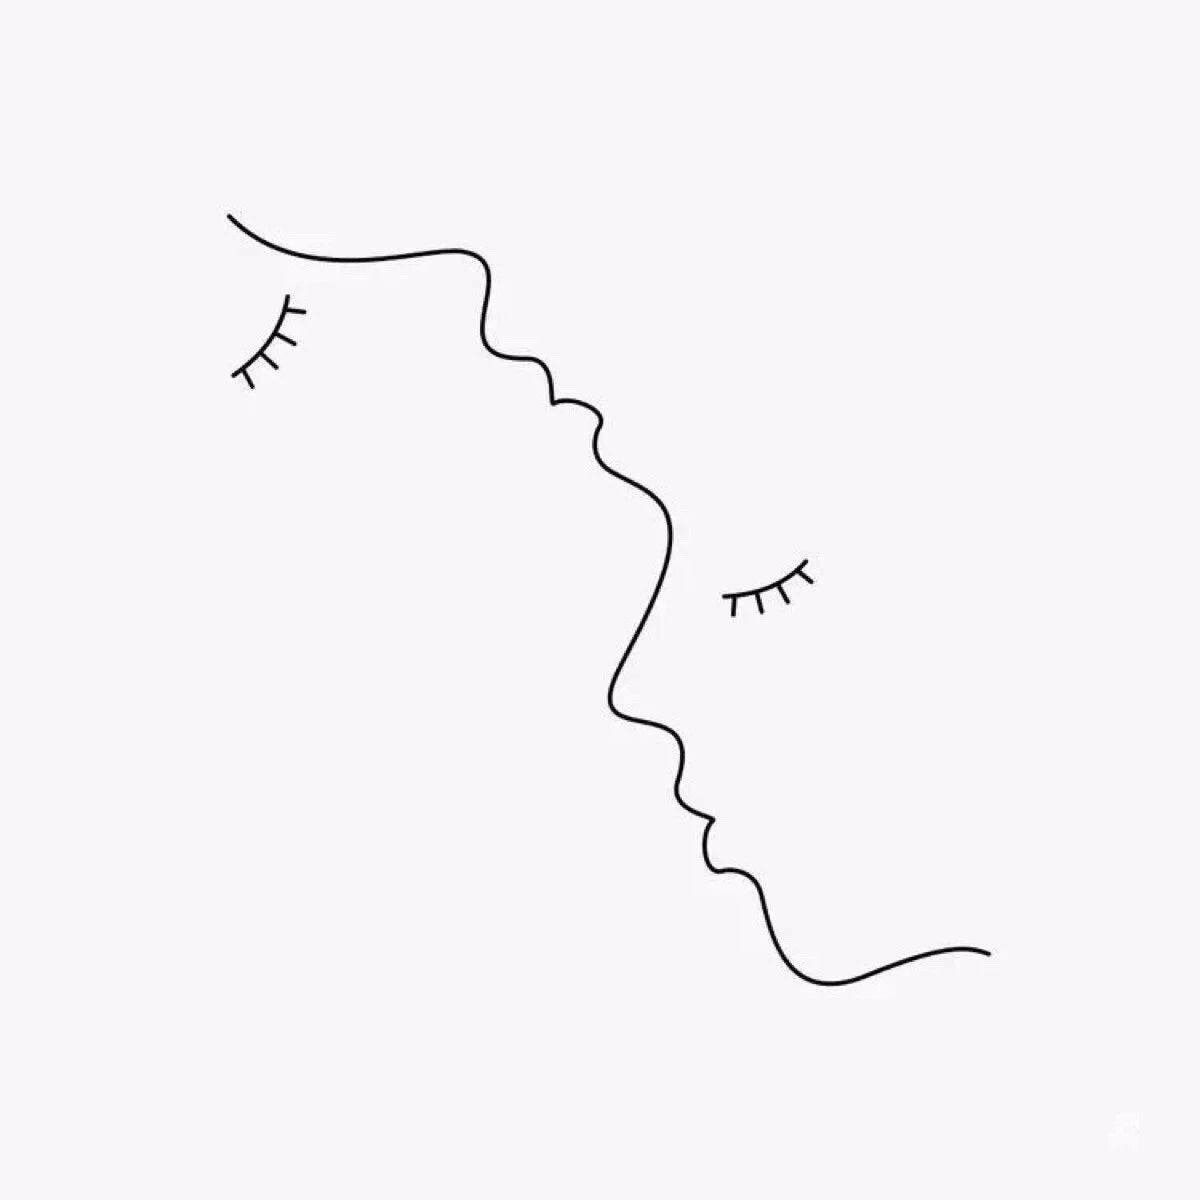 朋友圈封面图:个性搞怪,哪一张最喜欢你?插图15